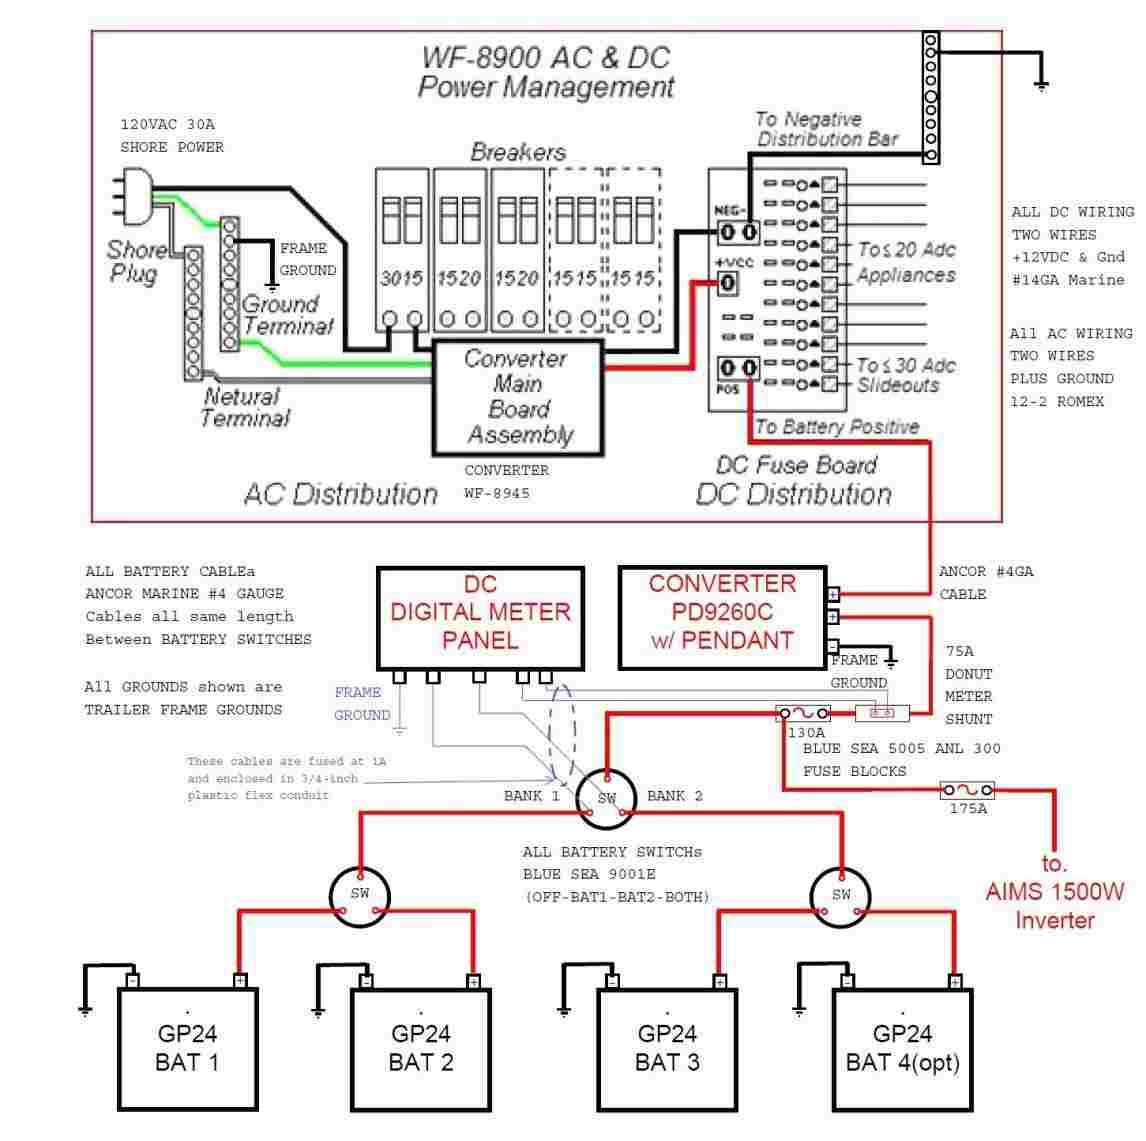 Travel Trailer Ac Wiring - Wiring Schematics Diagram - Travel Trailer Wiring Diagram